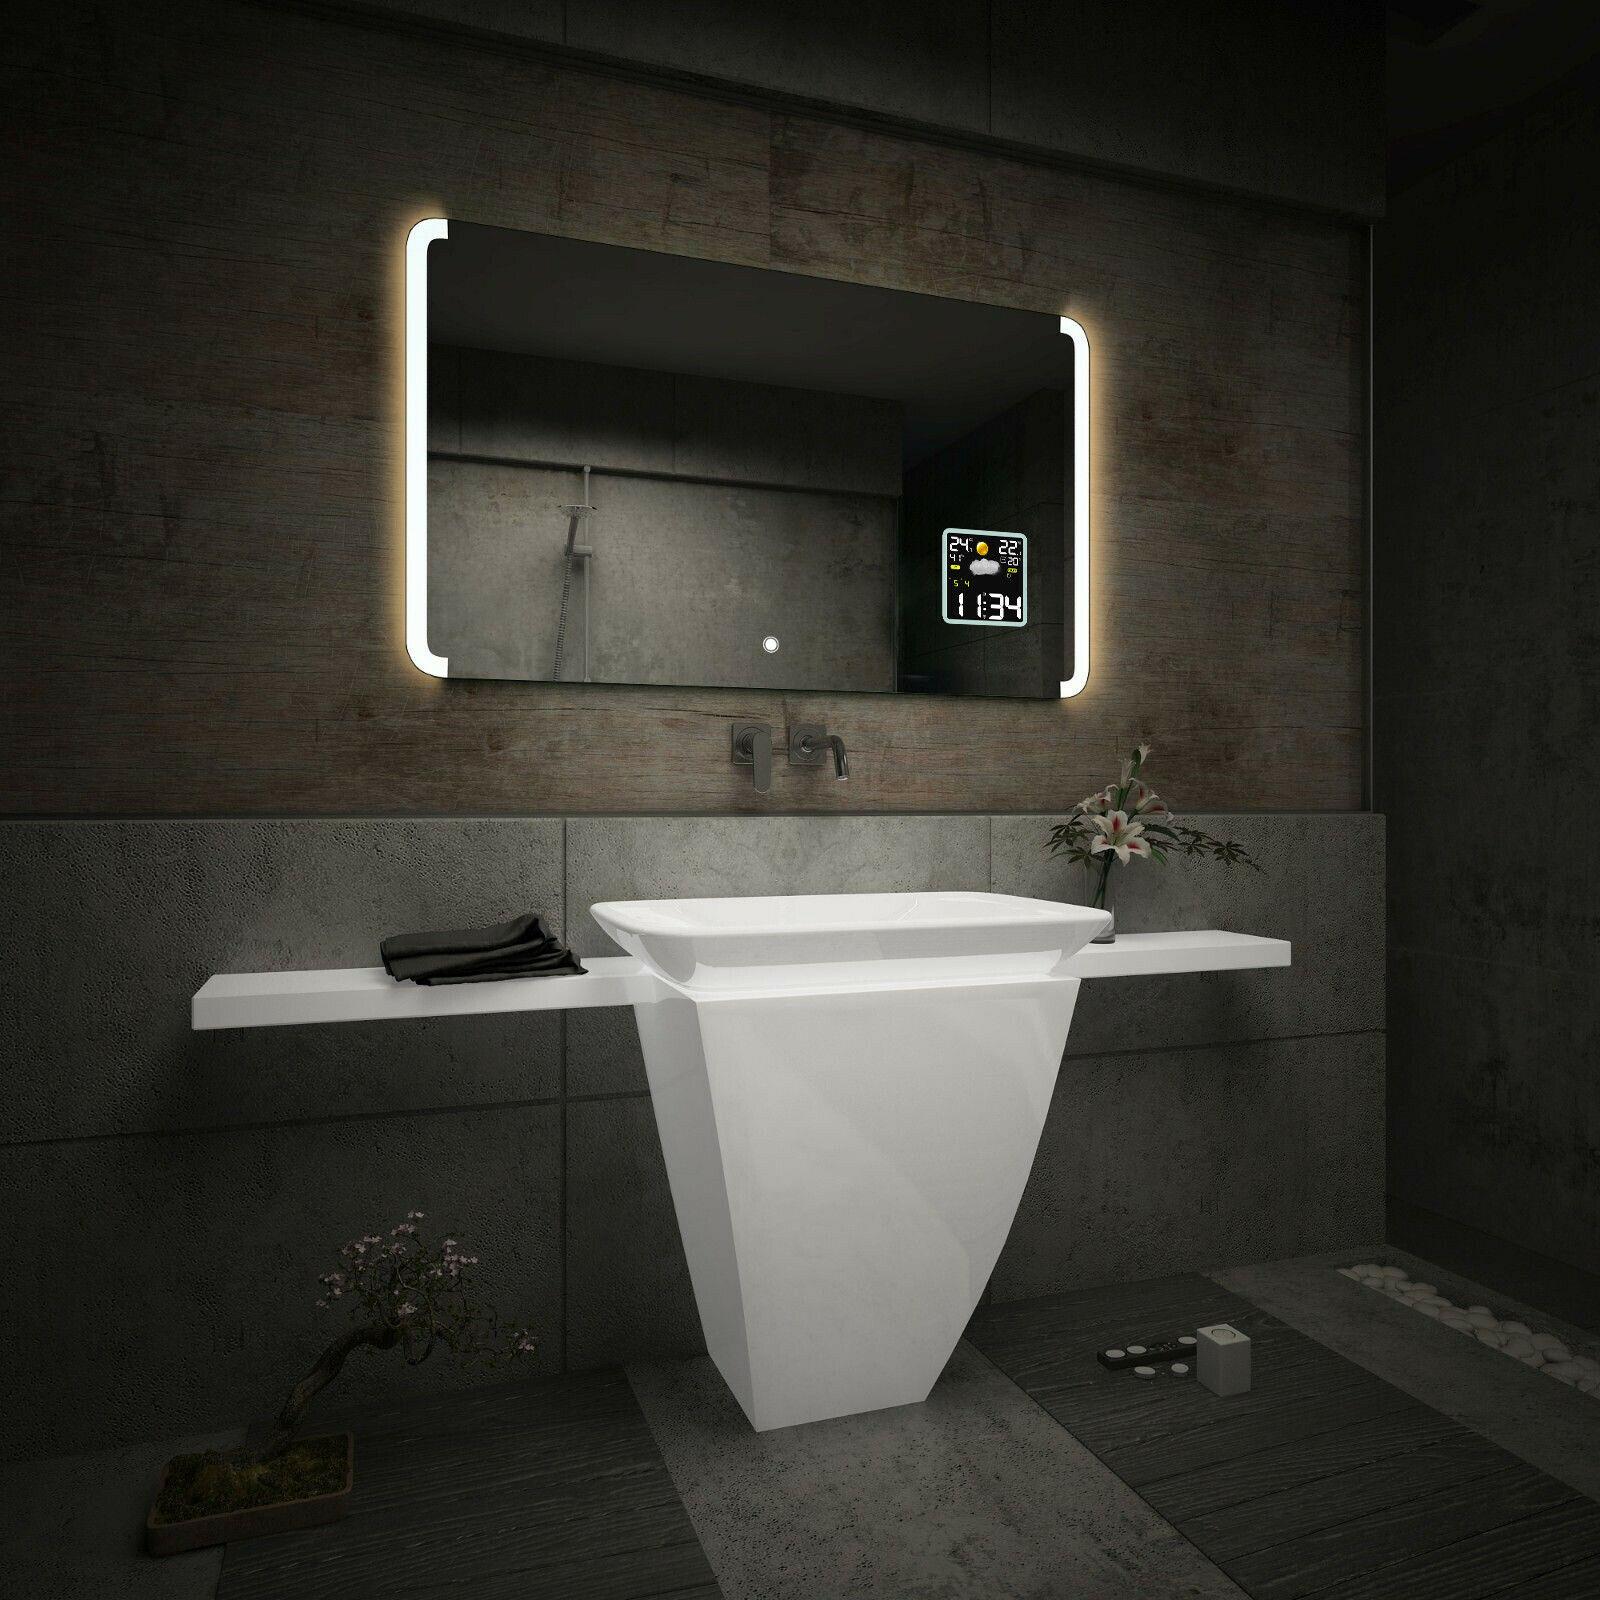 Luci Per Lo Specchio Del Bagno.Details Zu Specchio Del Bagno Illuminazione Led Interrutore Accessori Per Lo Specchio L72